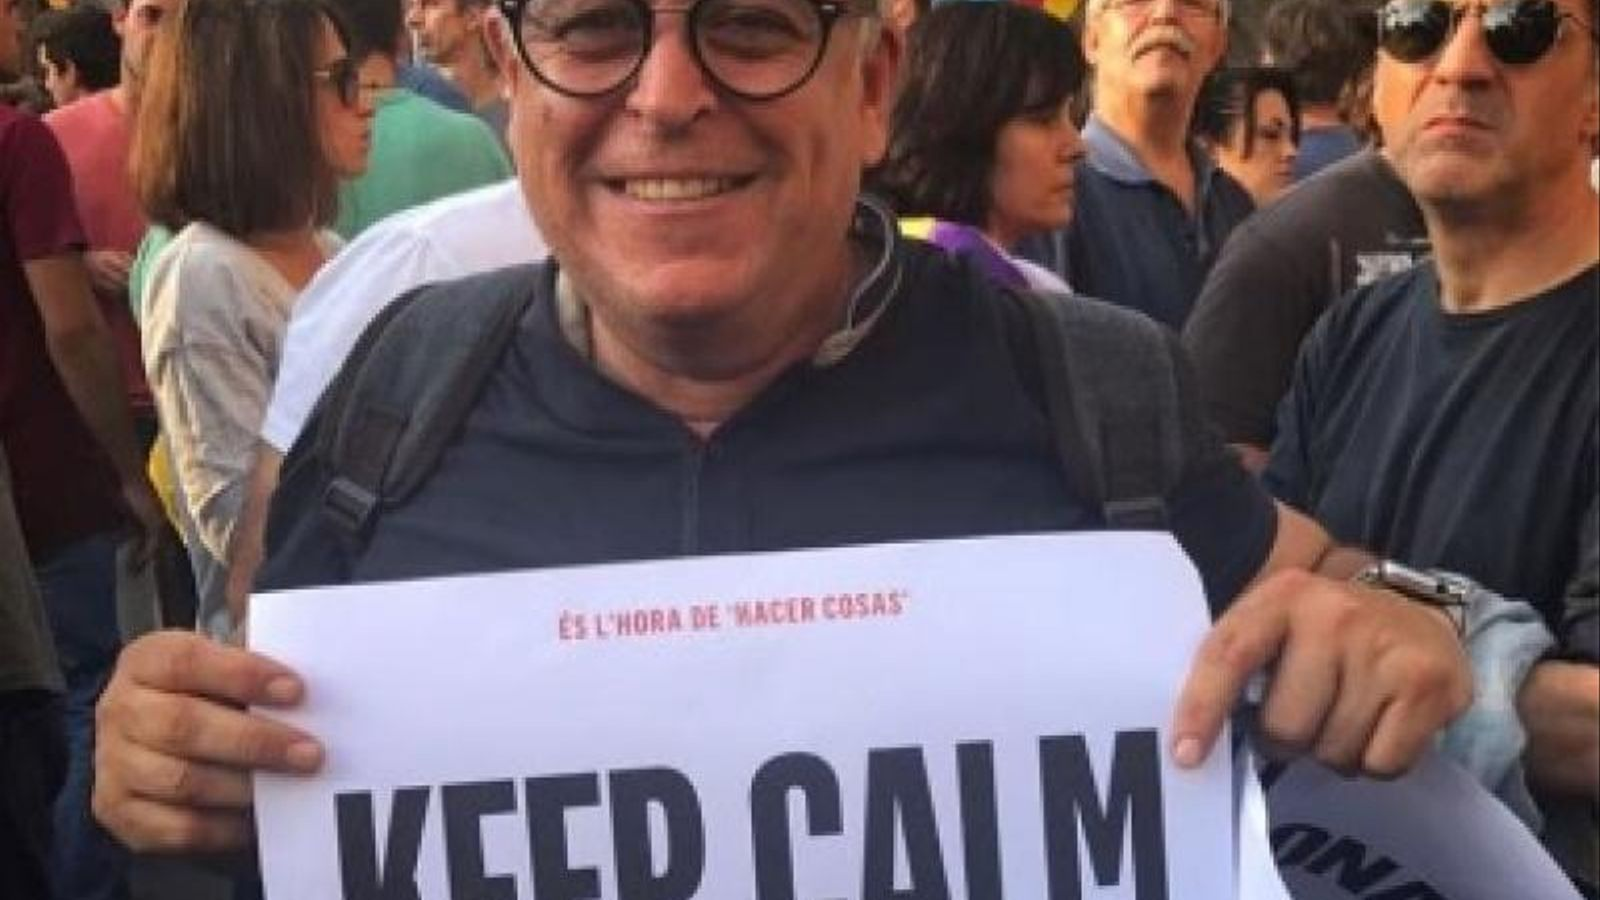 Aquesta foto penjada al Facebook de Jordi Puig és la que va provocar la seva destitució / ARA